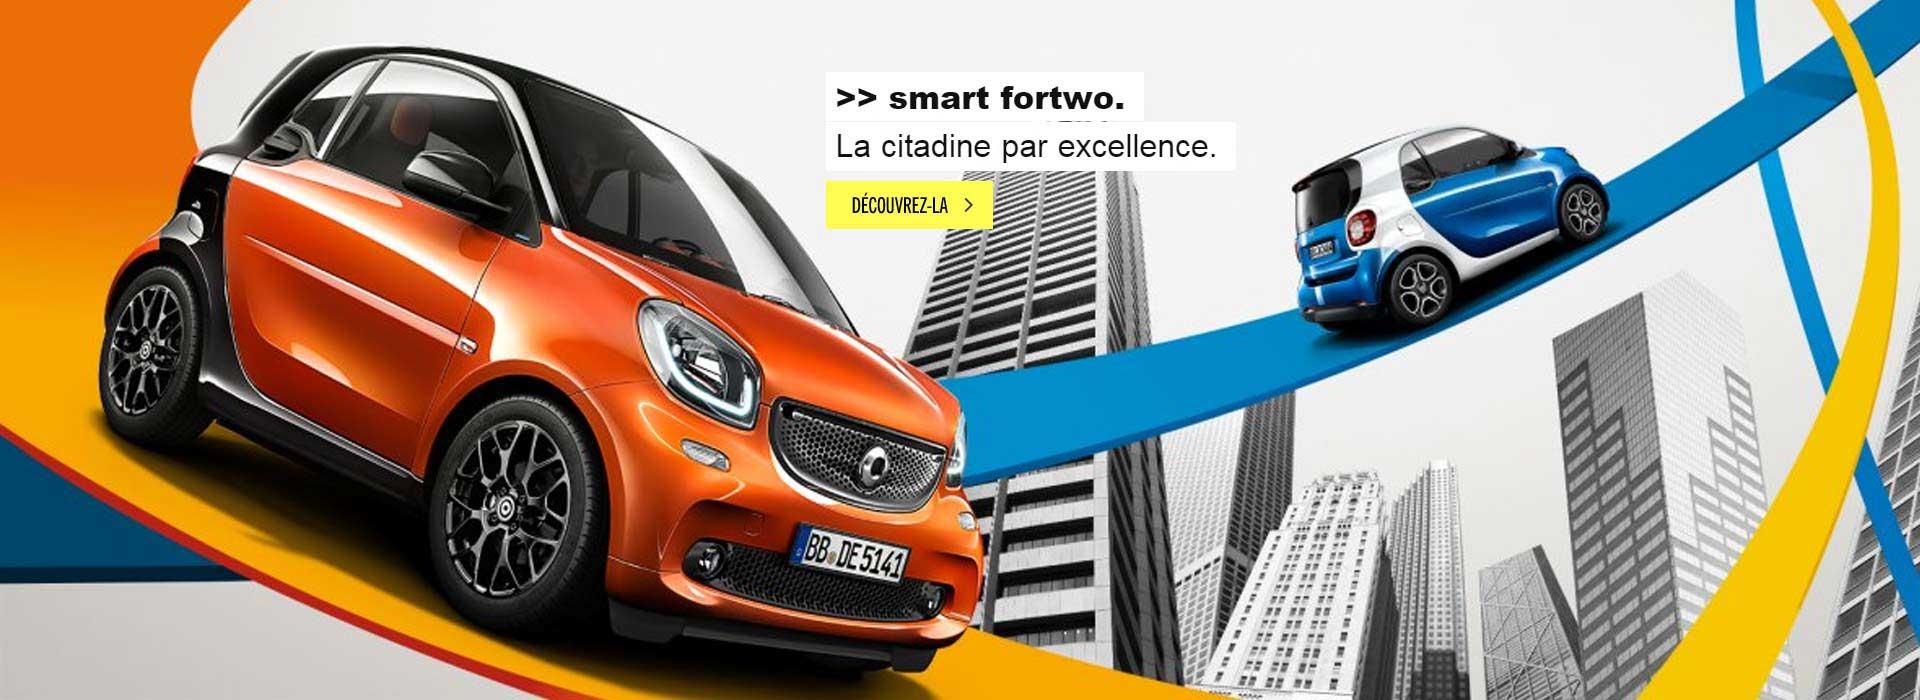 Smart Fortwo la citadine par excellence